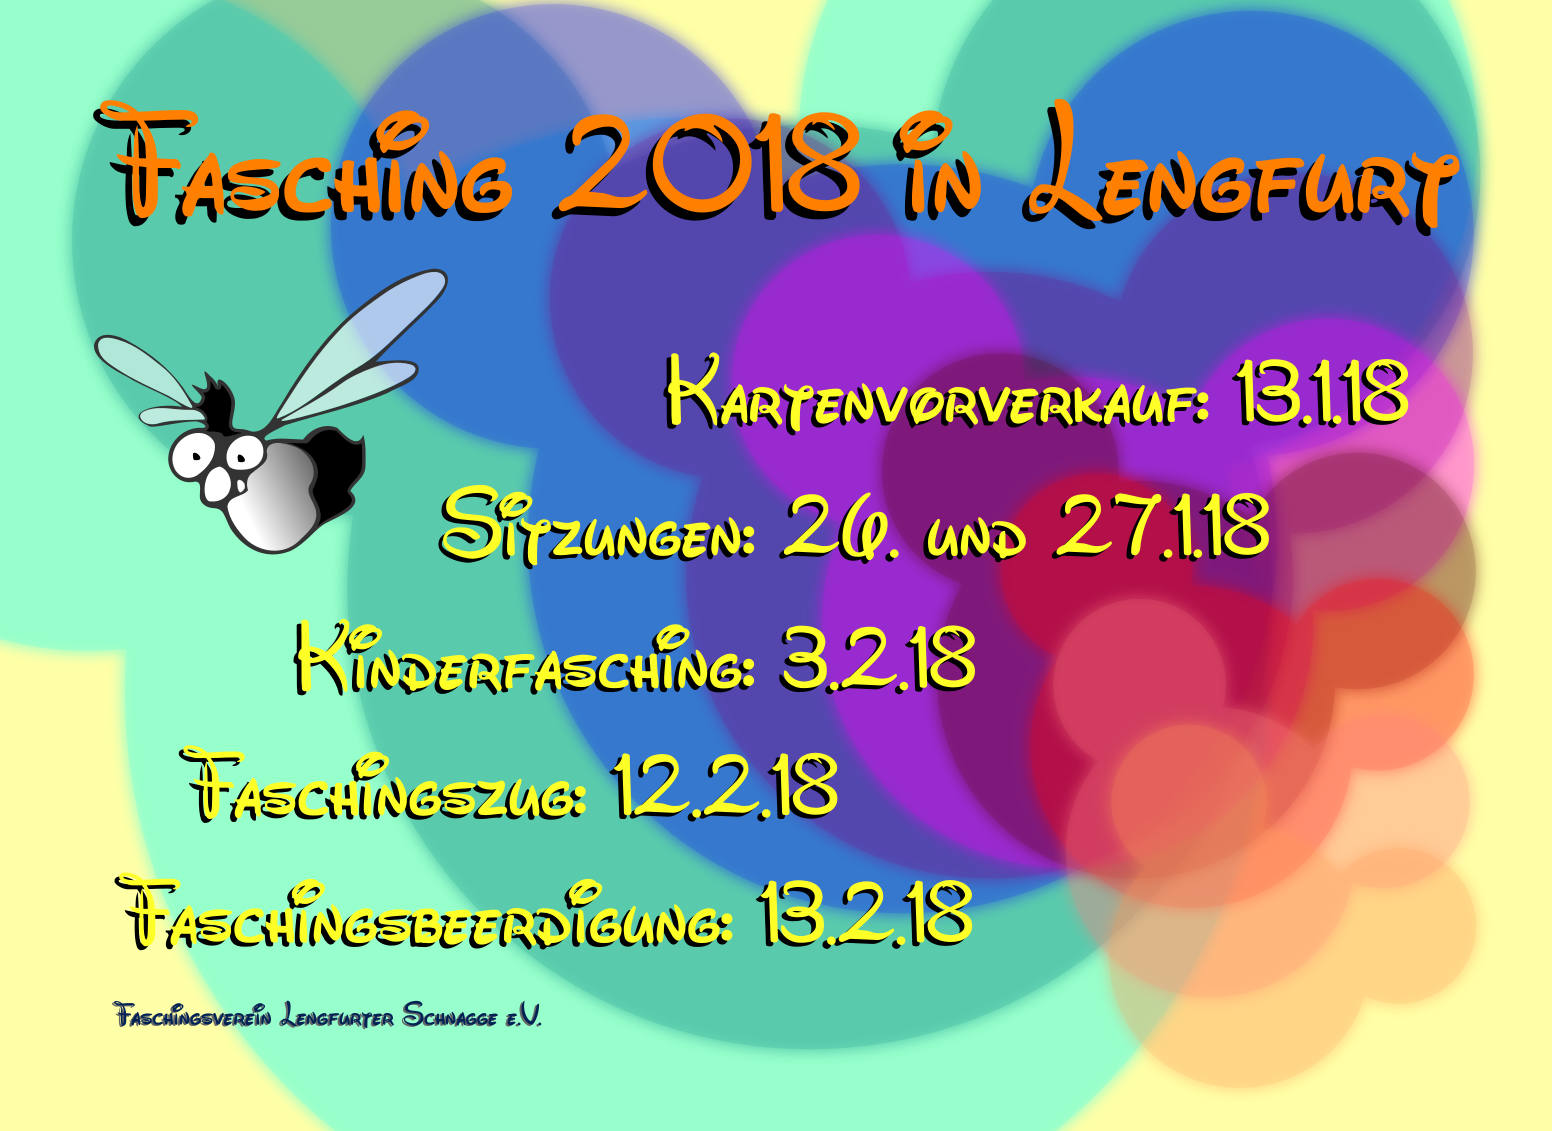 Schnagge Lengfurt Plakat 2017/18 groß